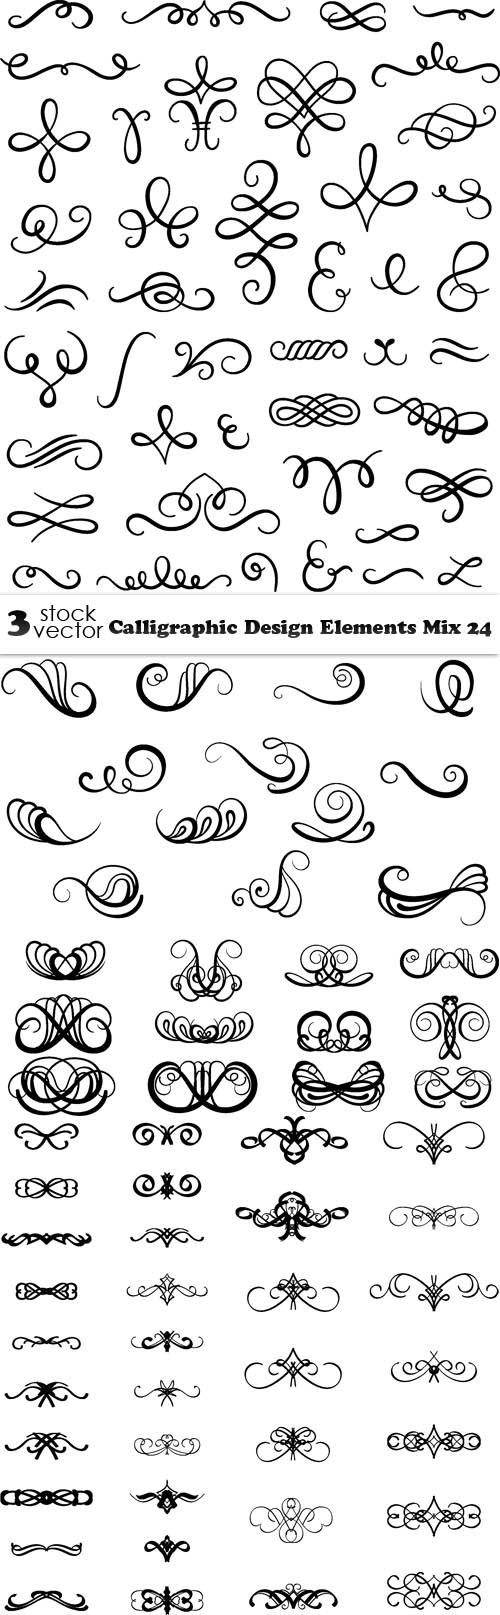 Vectors - Calligraphic Design Elements Mix 24